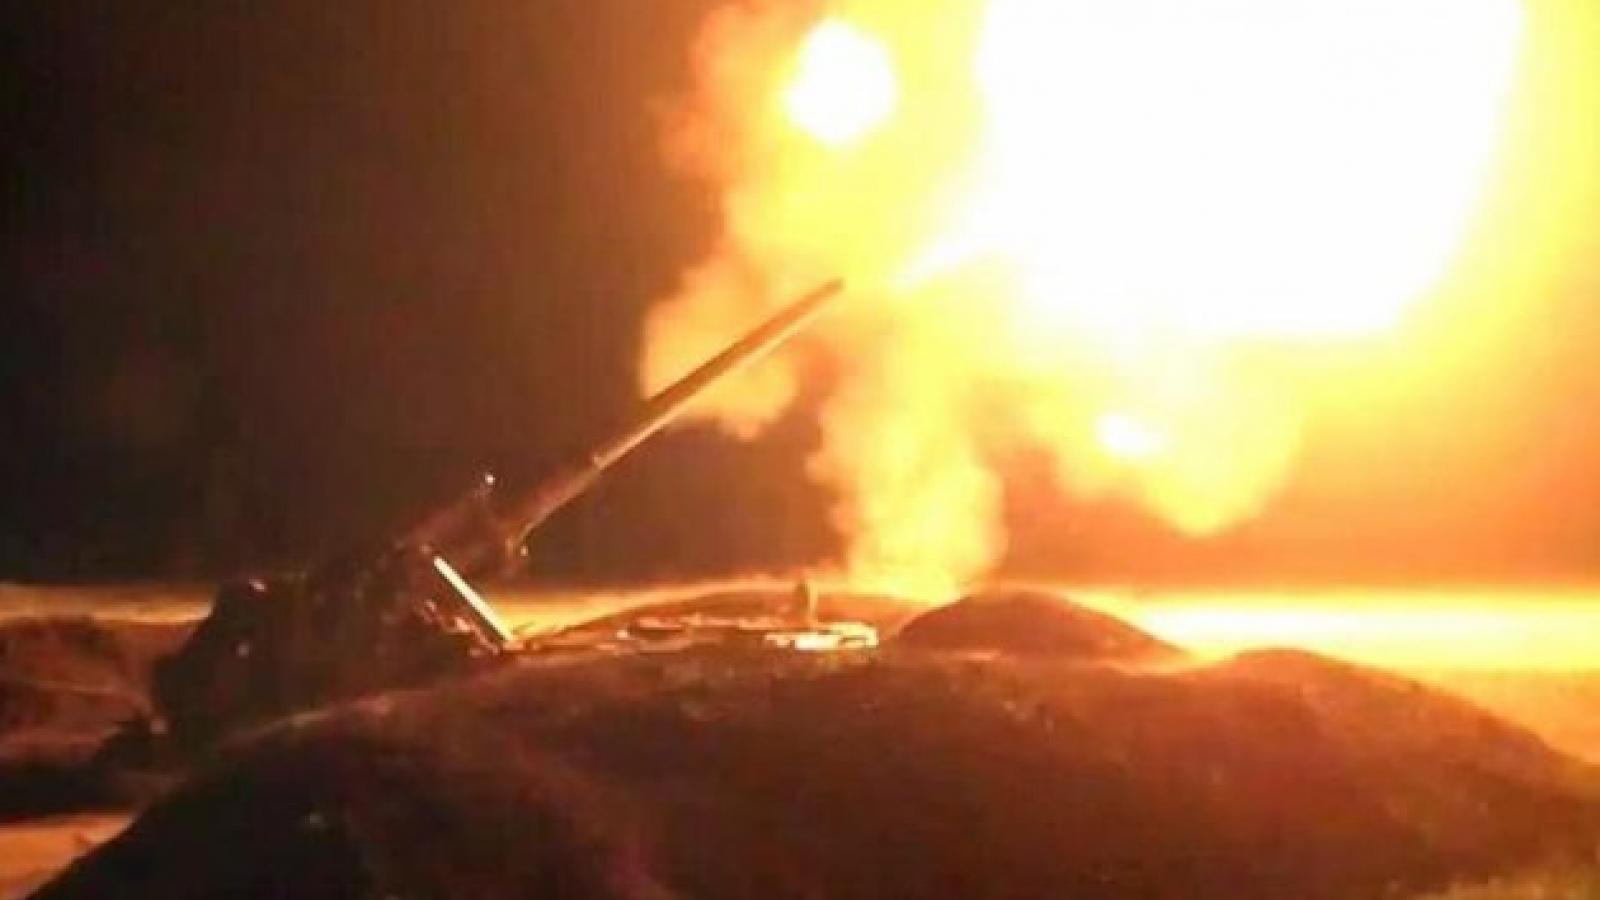 Nguy cơ chiến tranh Nagorno-Karabakh tàn khốc hiện ra ngay trước mắt